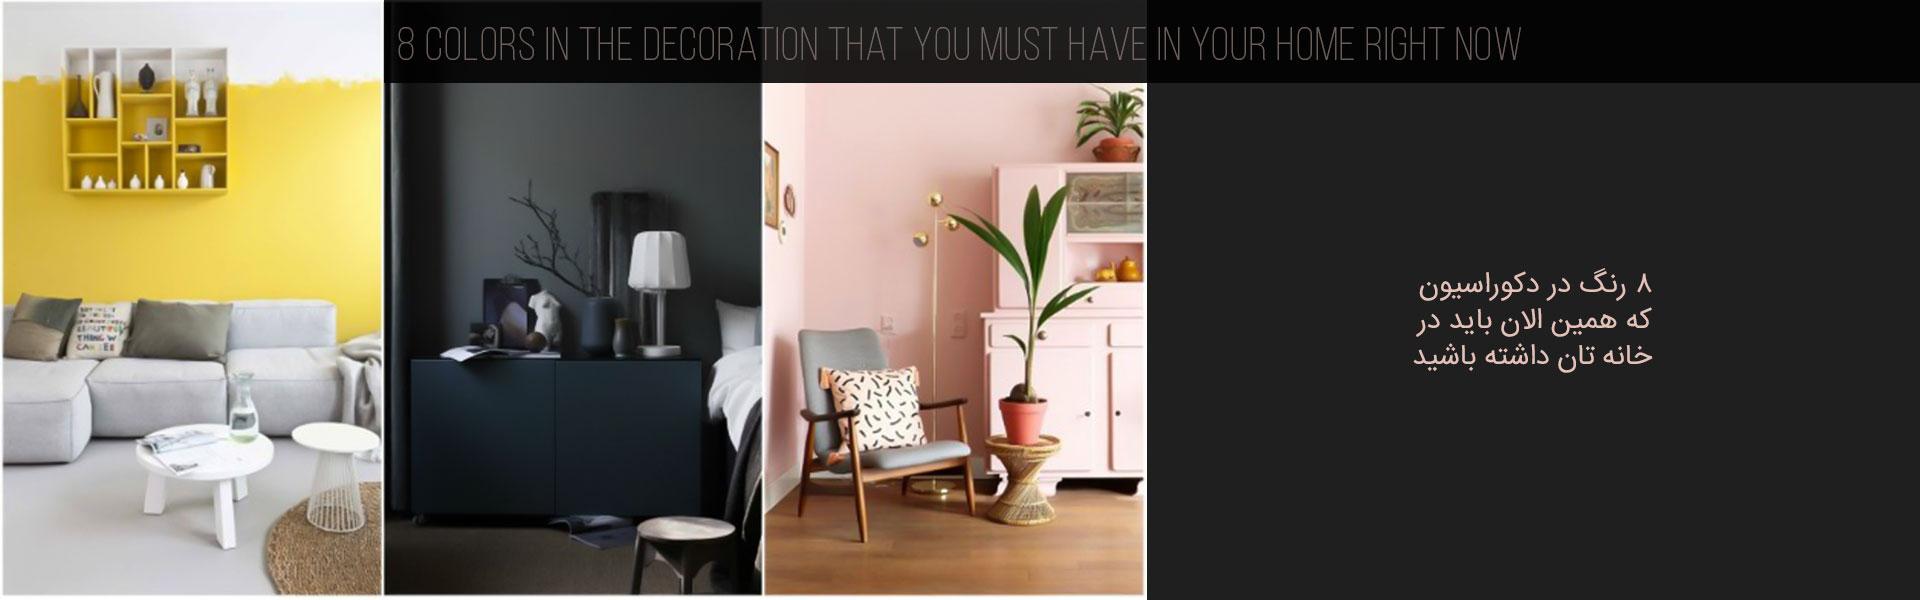 decorasion 8 rang1 - ۸ تا از رنگ های طراحی داخلی که همین الان باید در خانه تان داشته باشید